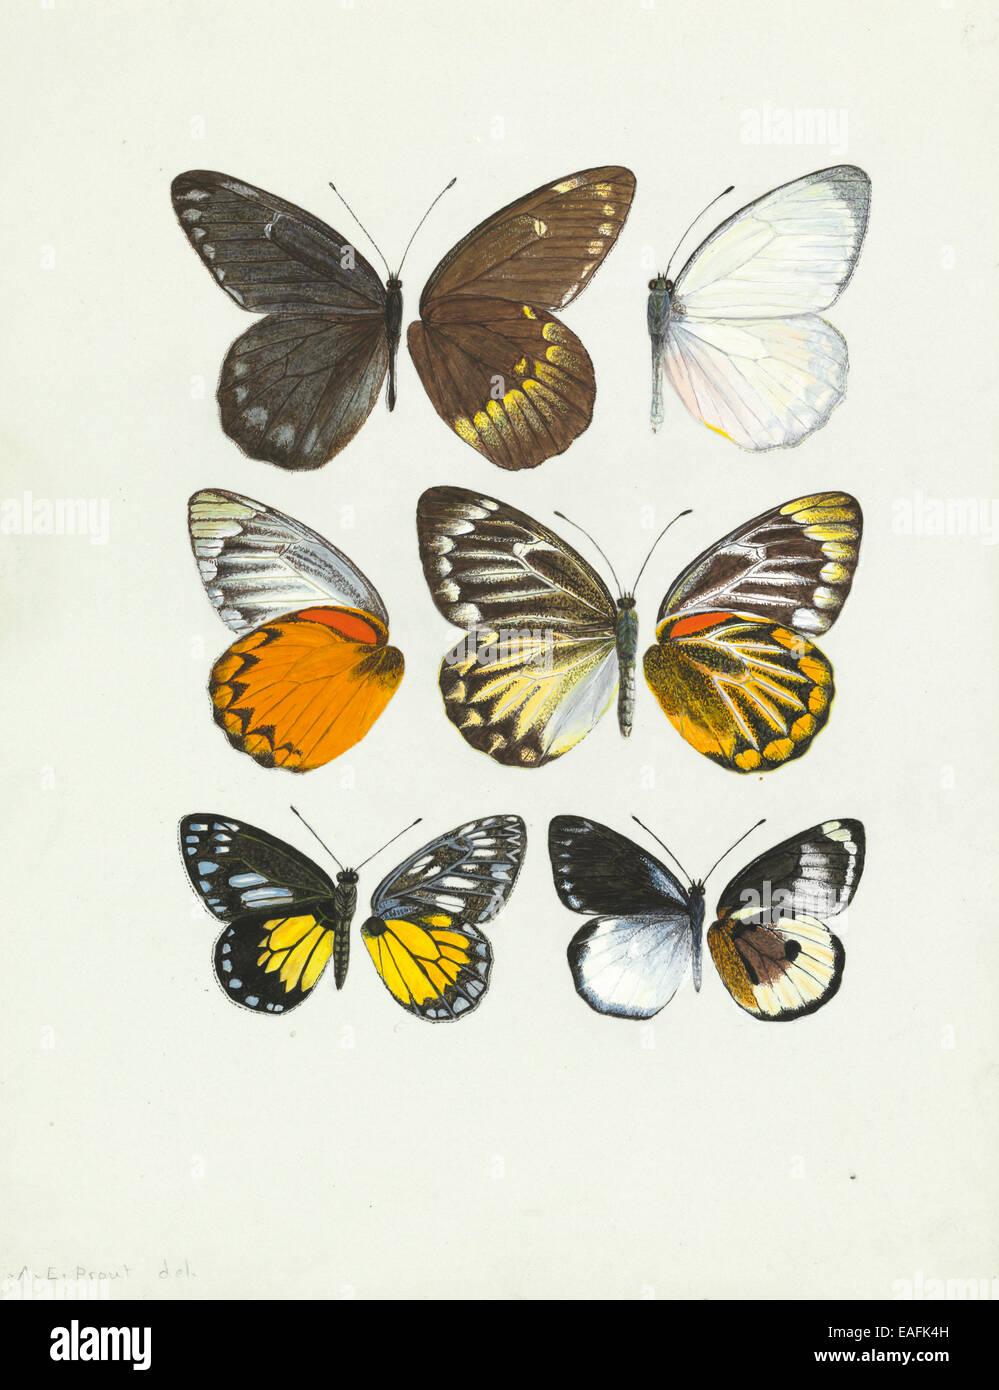 Pierine genus, Butterfly wings - Stock Image